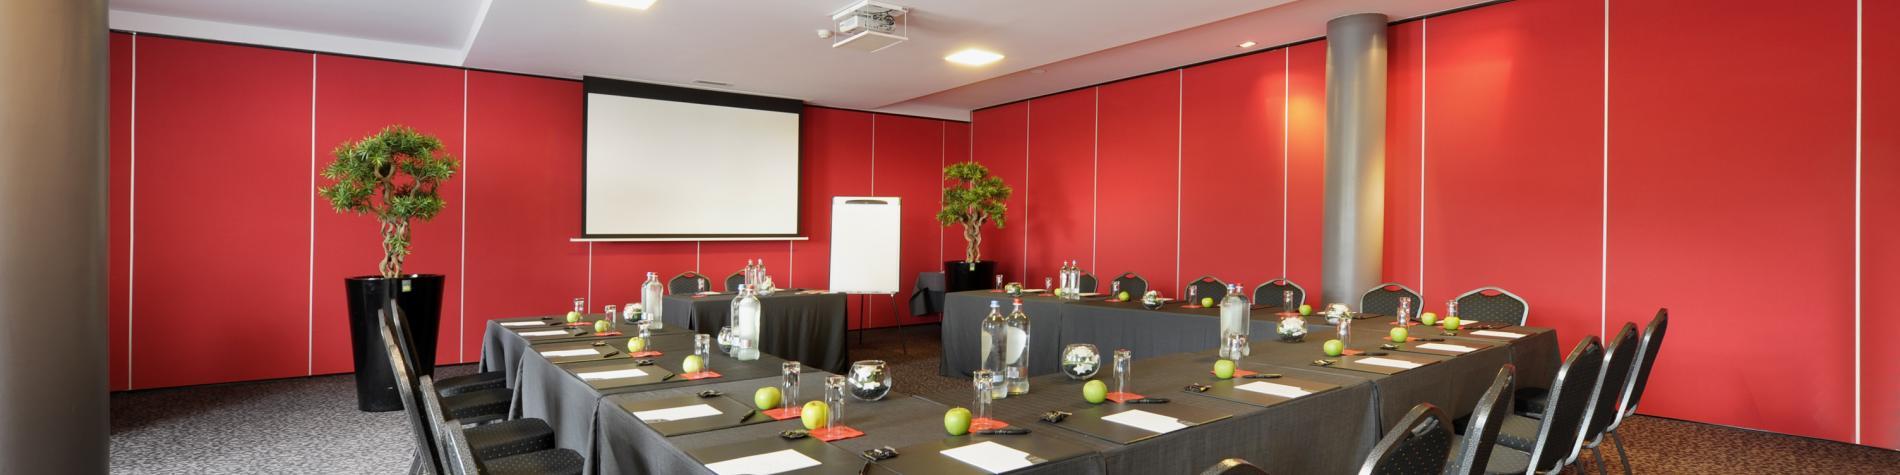 salle de réunion en Wallonie avec mur rouge et tables en U